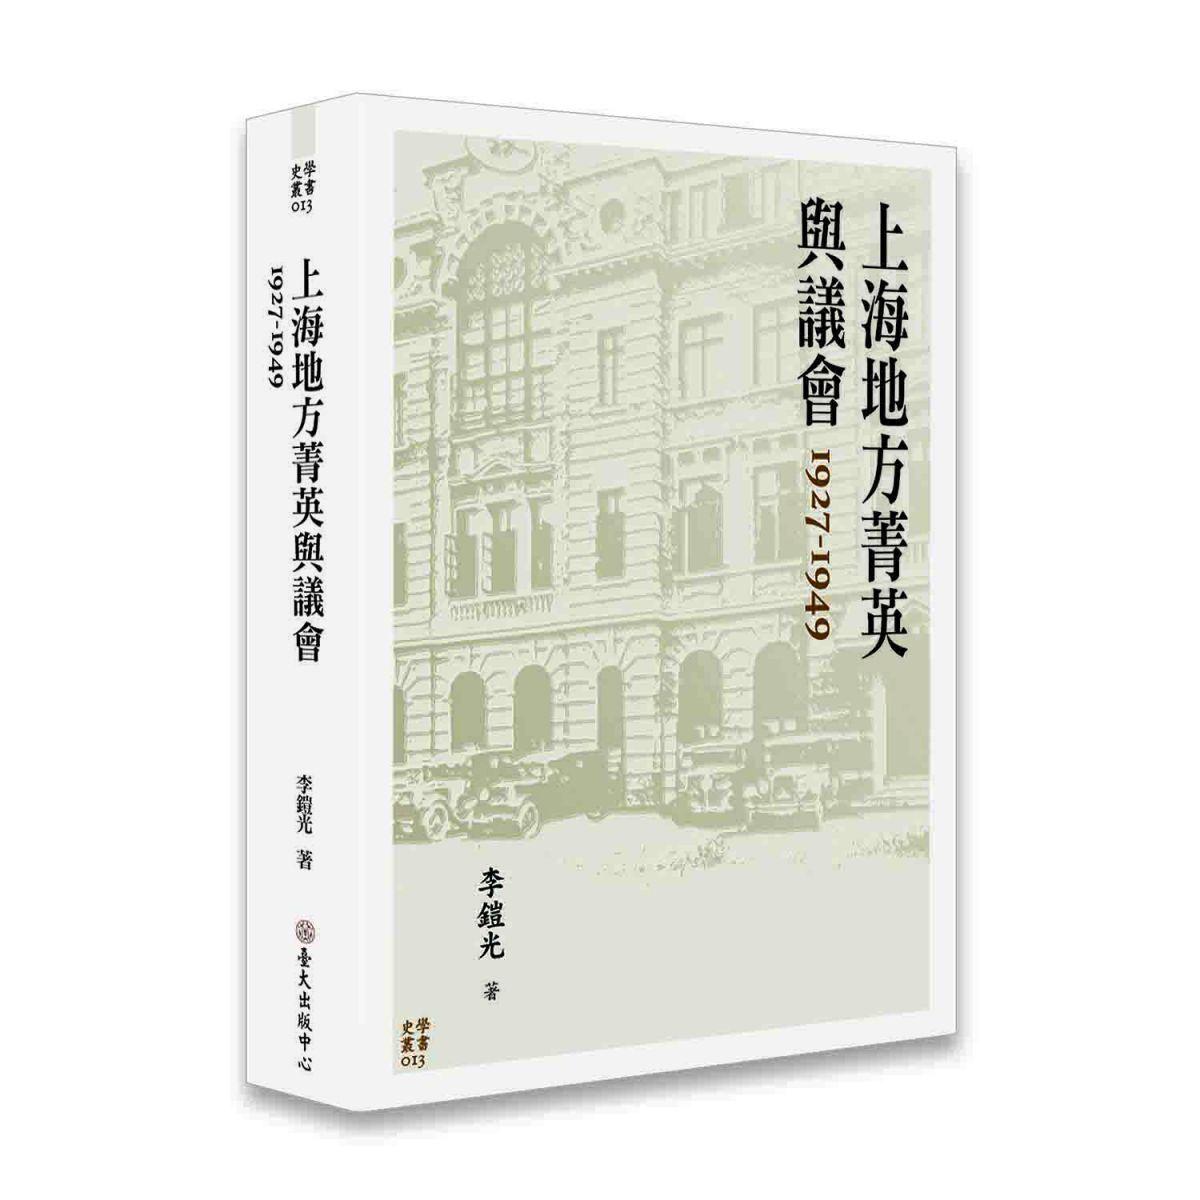 《上海地方菁英與議會 1927-1949》在政治制度的框架中,具體討論當時面臨哪些社會問題之關鍵